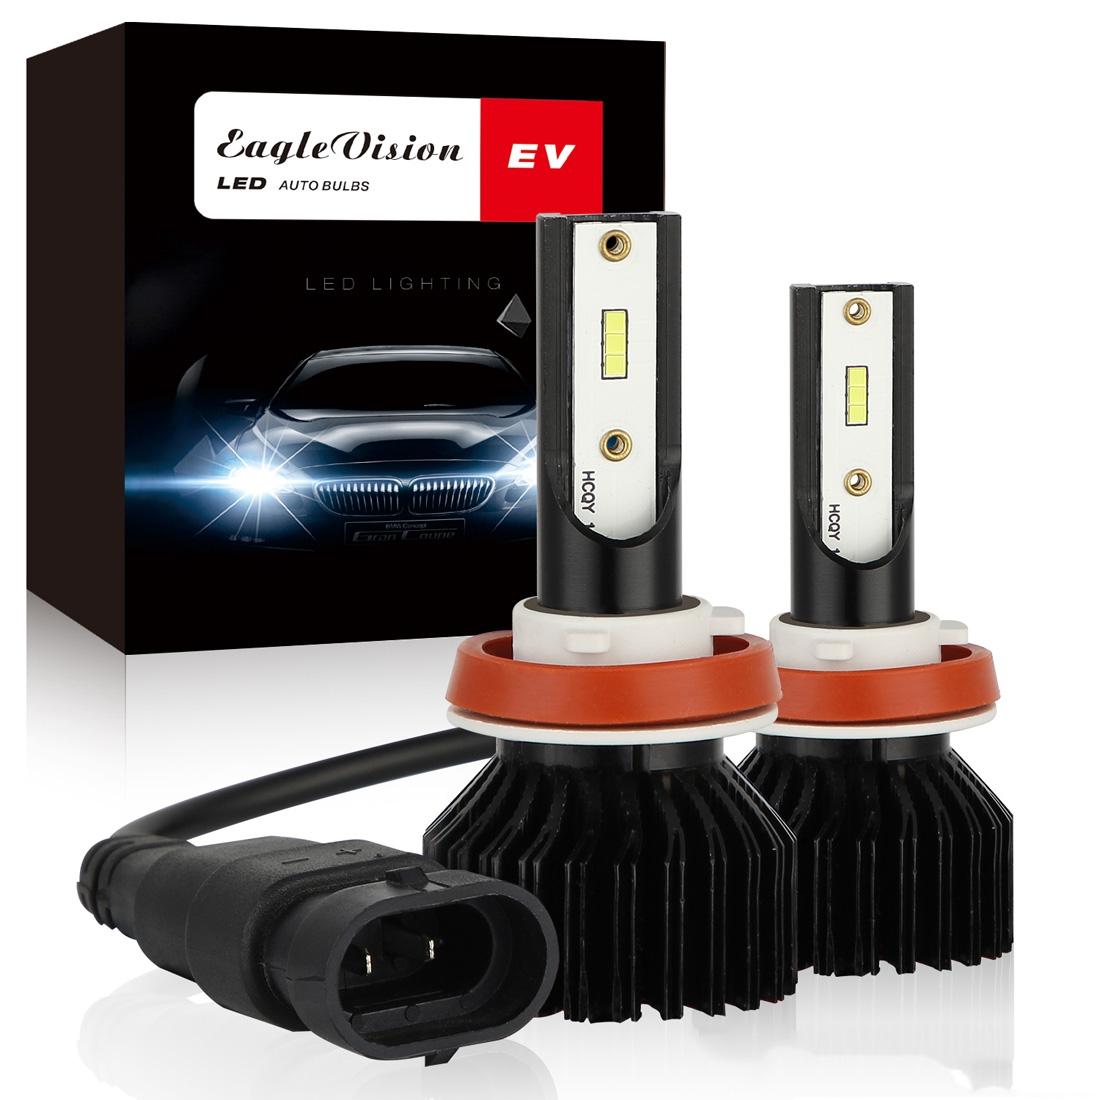 2 PCS EV13 H11 DC9-32V / 14W / 1400LM / 6000K IP67 Car LED Headlight Lamps (White Light)